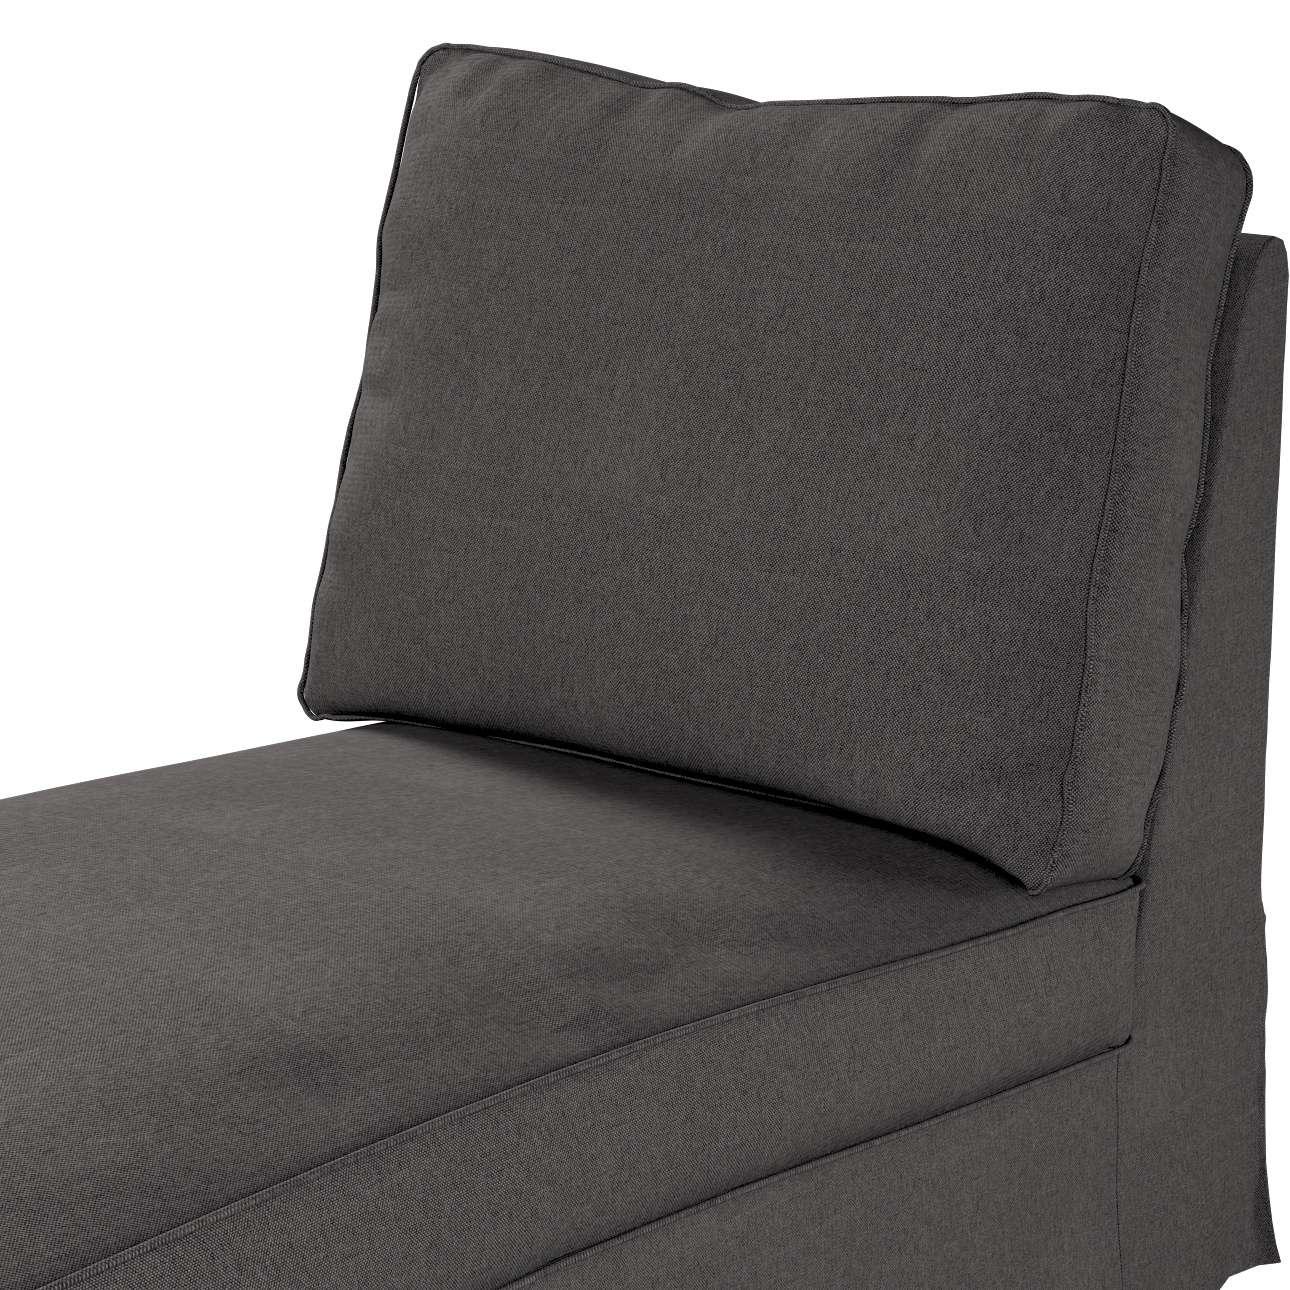 Bezug für Ektorp Recamiere ohne Armlehne, neues Modell von der Kollektion Etna, Stoff: 705-35